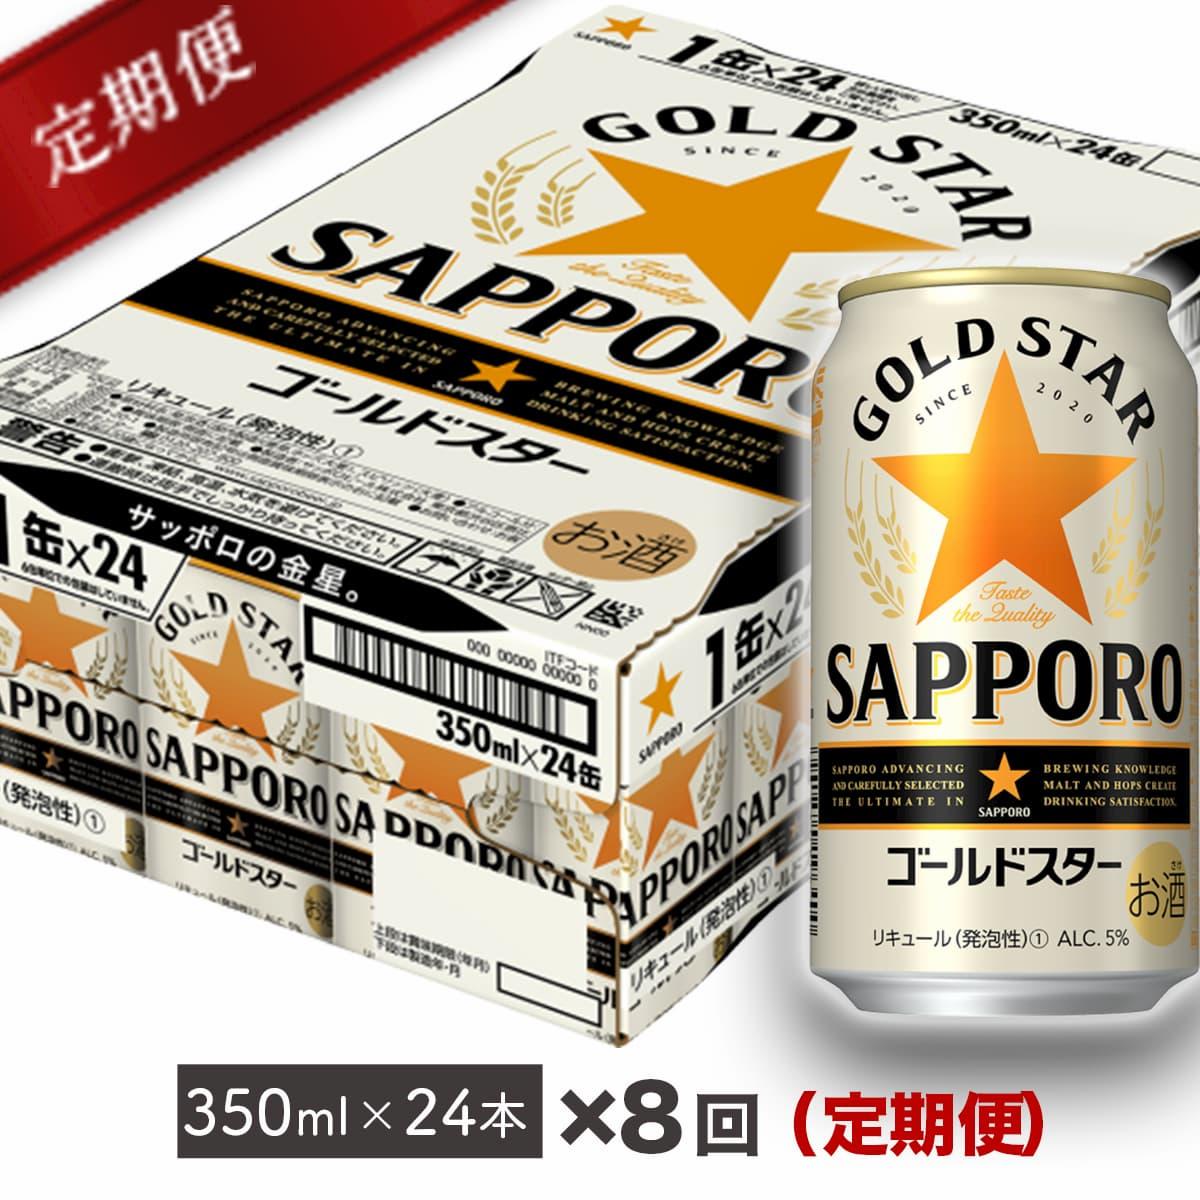 【ふるさと納税】地元名取産 サッポロ ゴールドスター 金星 350ml缶×24本(1ケース)を8回お届け